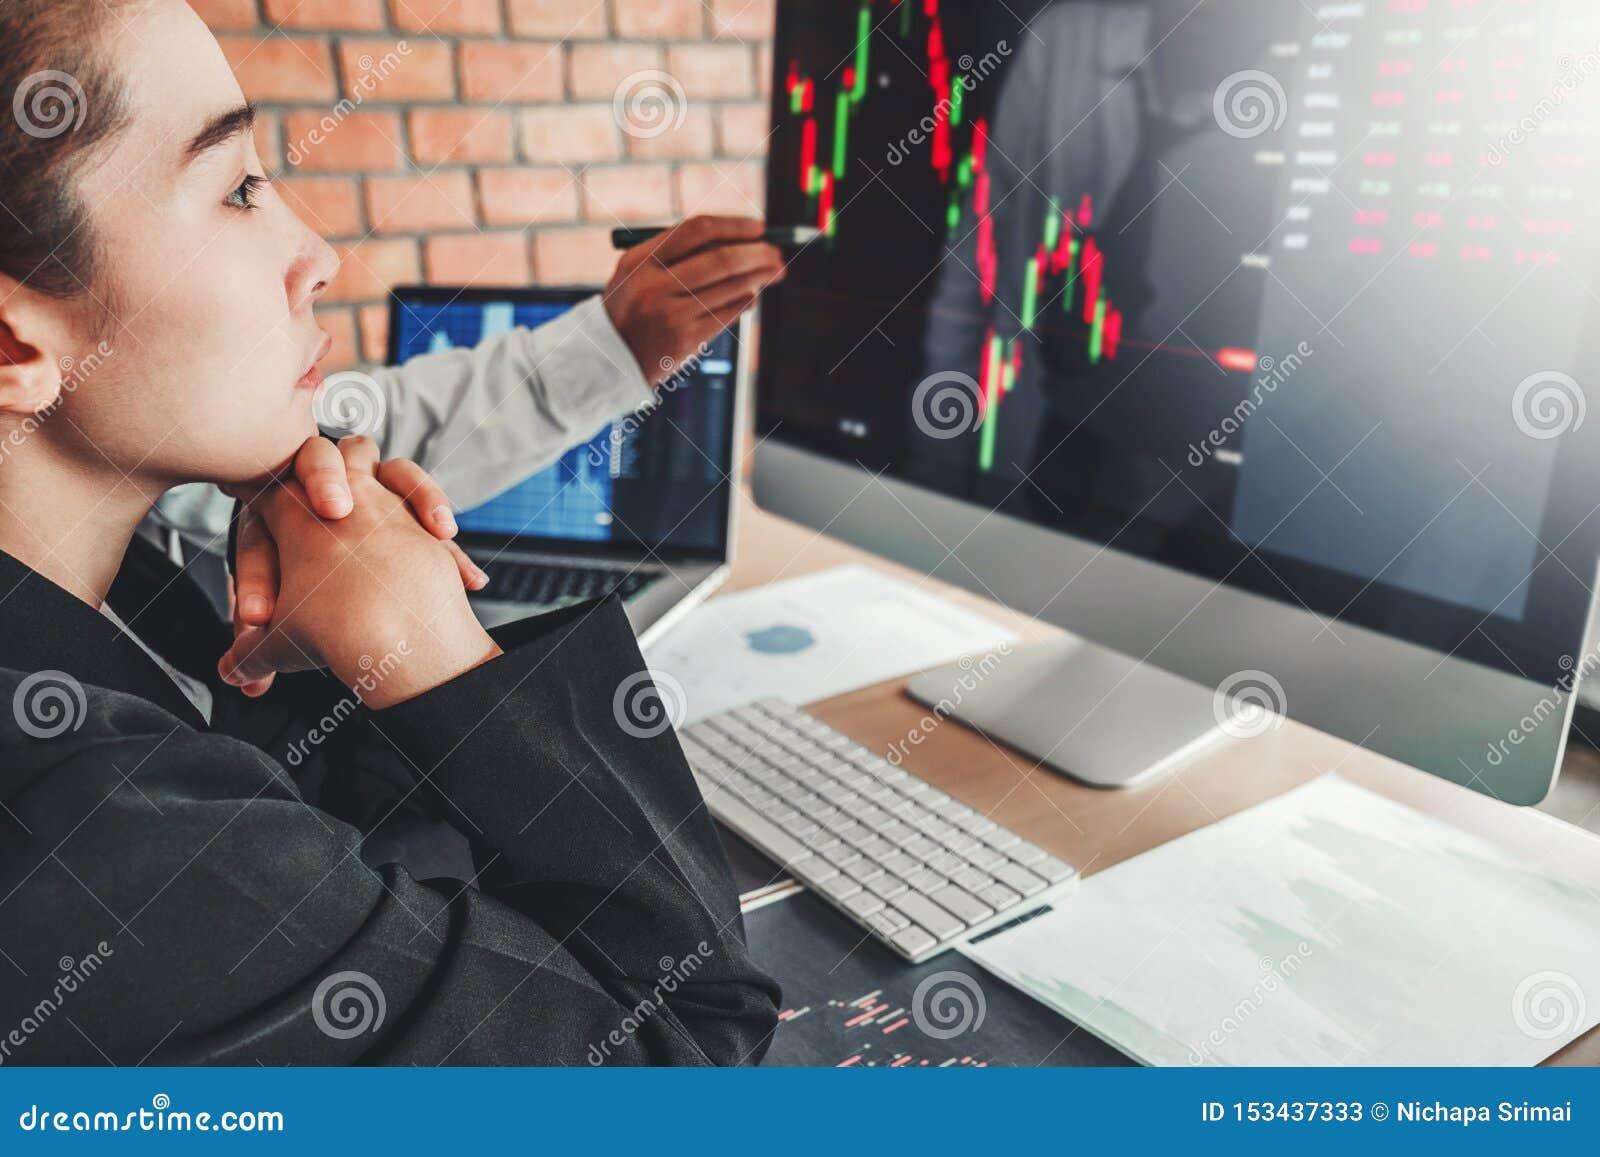 Marché boursier d investissement d affaire d équipe d affaires discutant le concept d opérateurs en bourse de commerce de marché